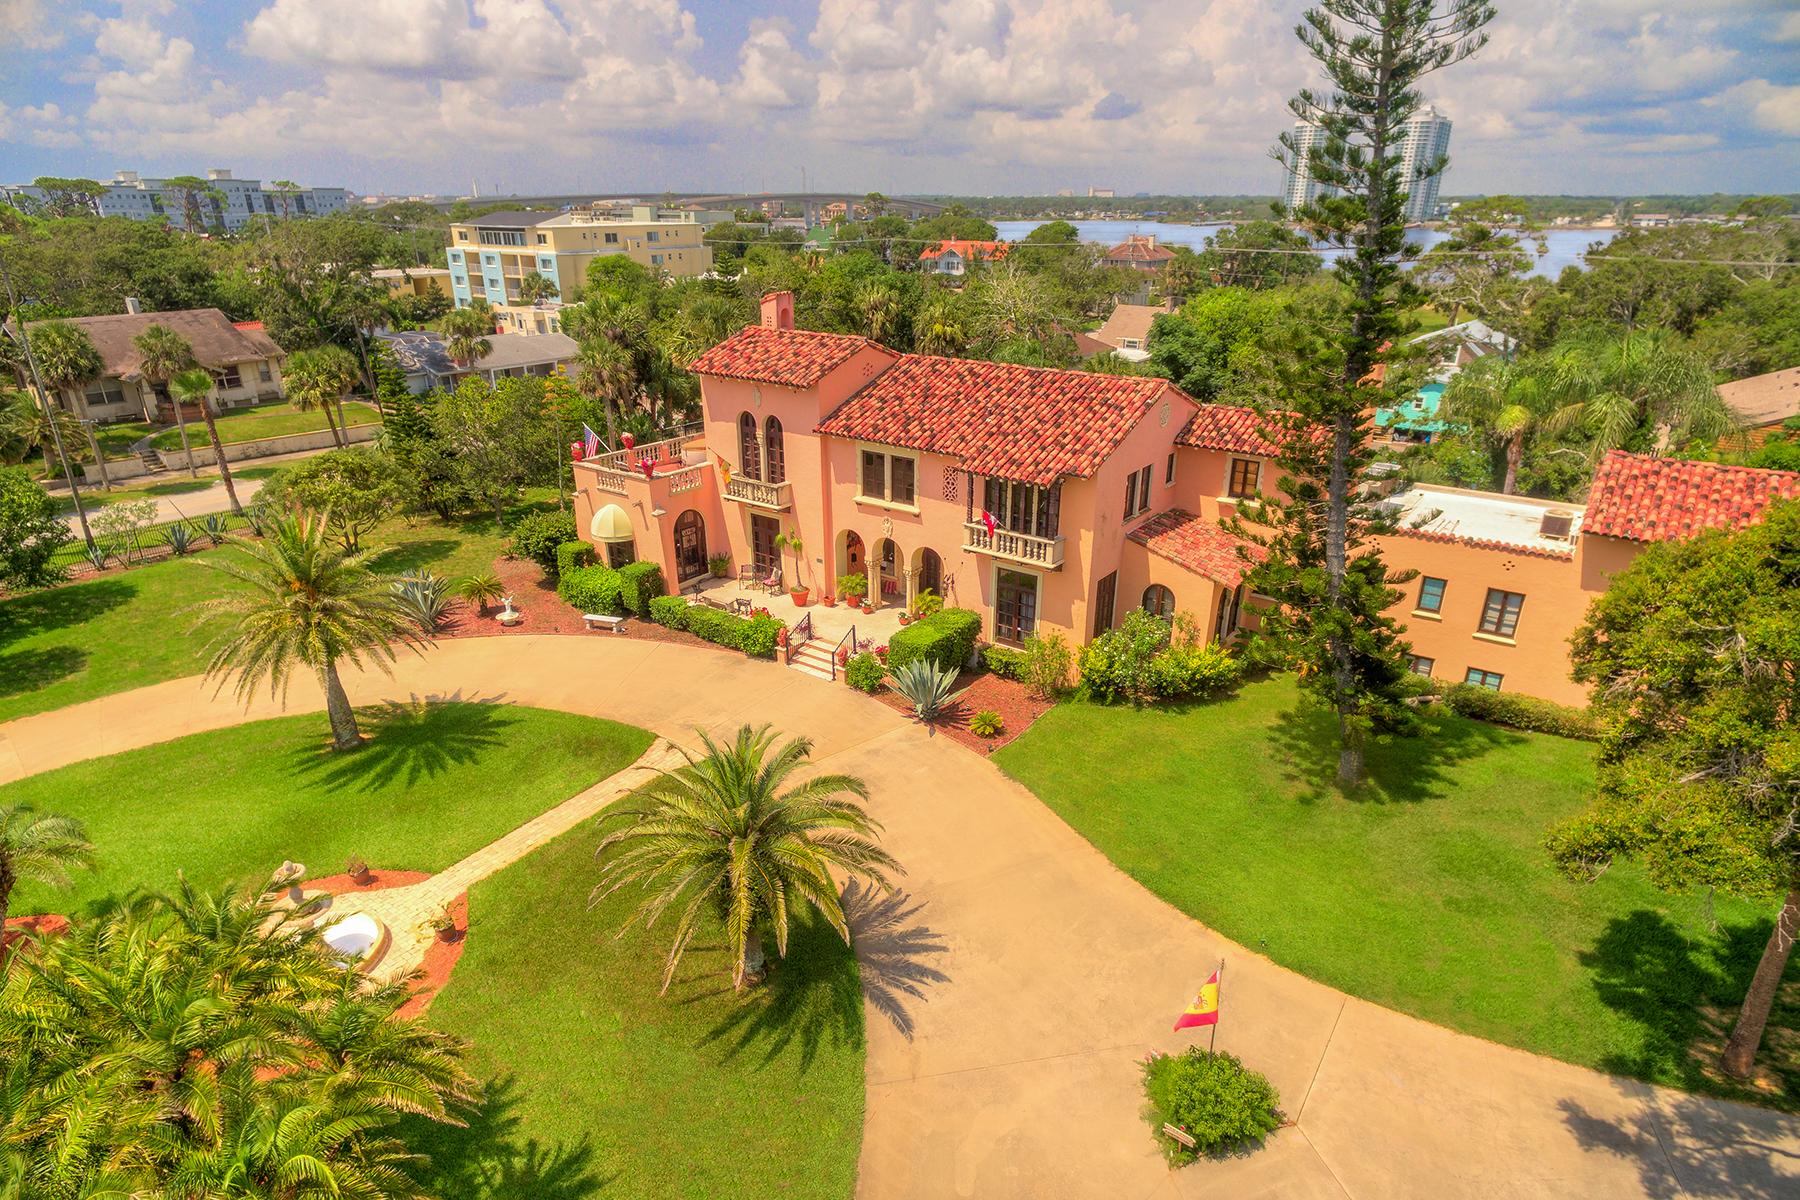 Einfamilienhaus für Verkauf beim DAYTONA BEACH 801 N Peninsula Dr Daytona Beach, Florida 32118 Vereinigte Staaten